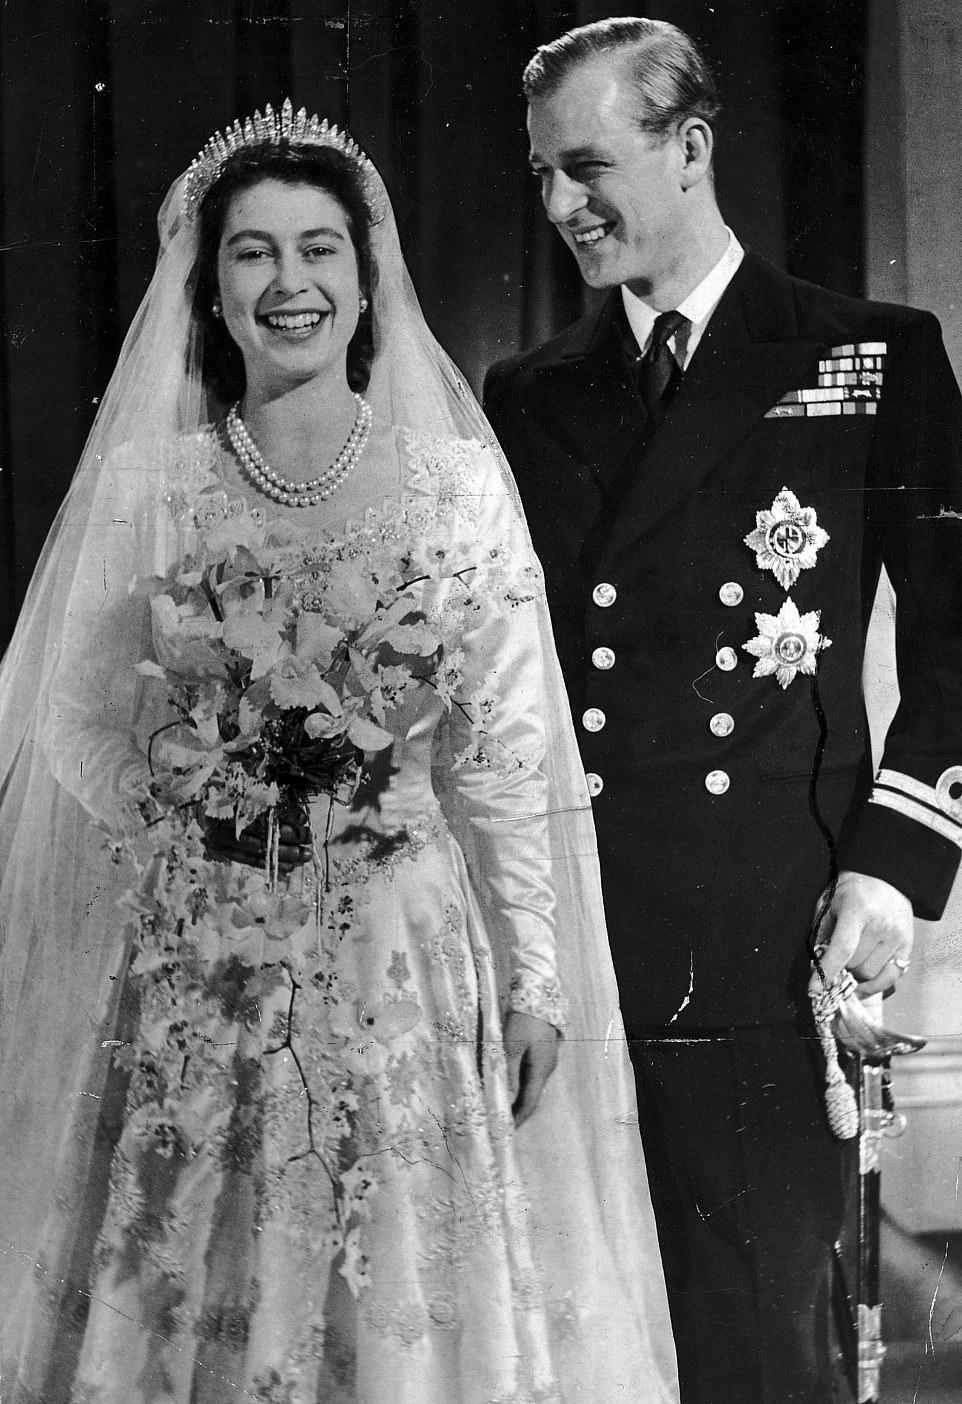 Свадебное фото принцессы Елизаветы и герцога Эдинбургского, 1947 г